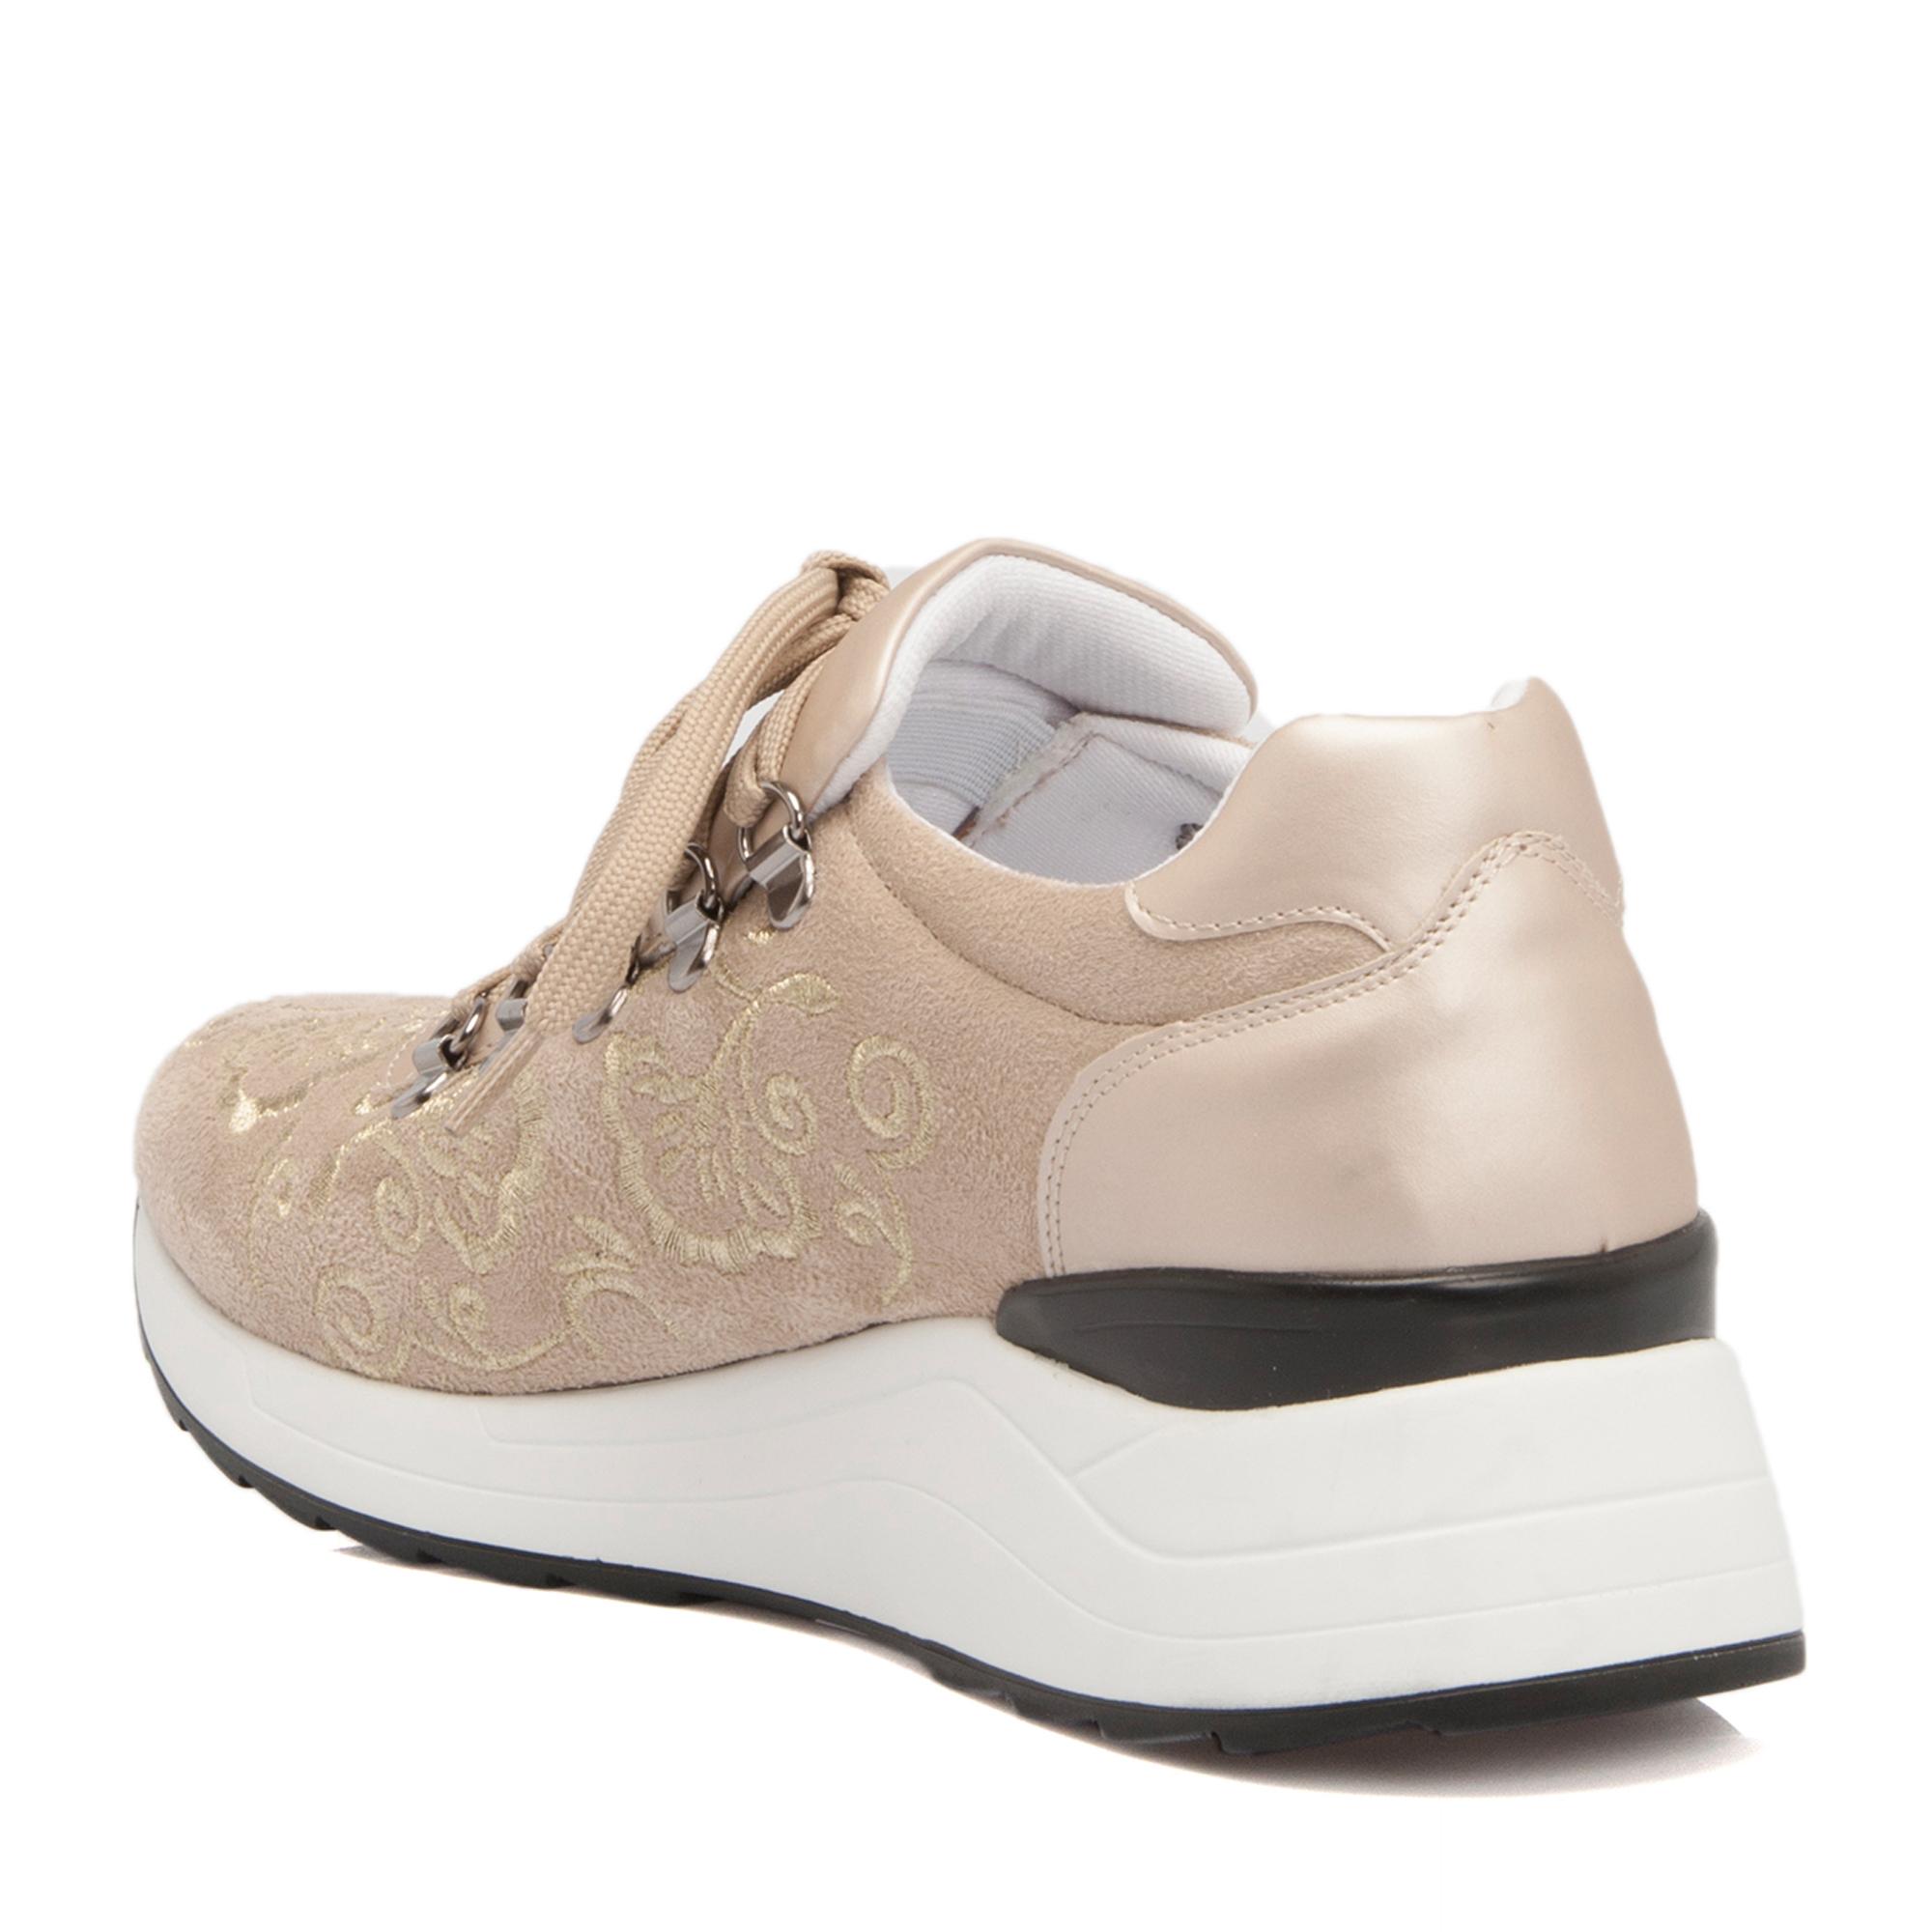 Bej Kadın Ayakkabı 64234D67